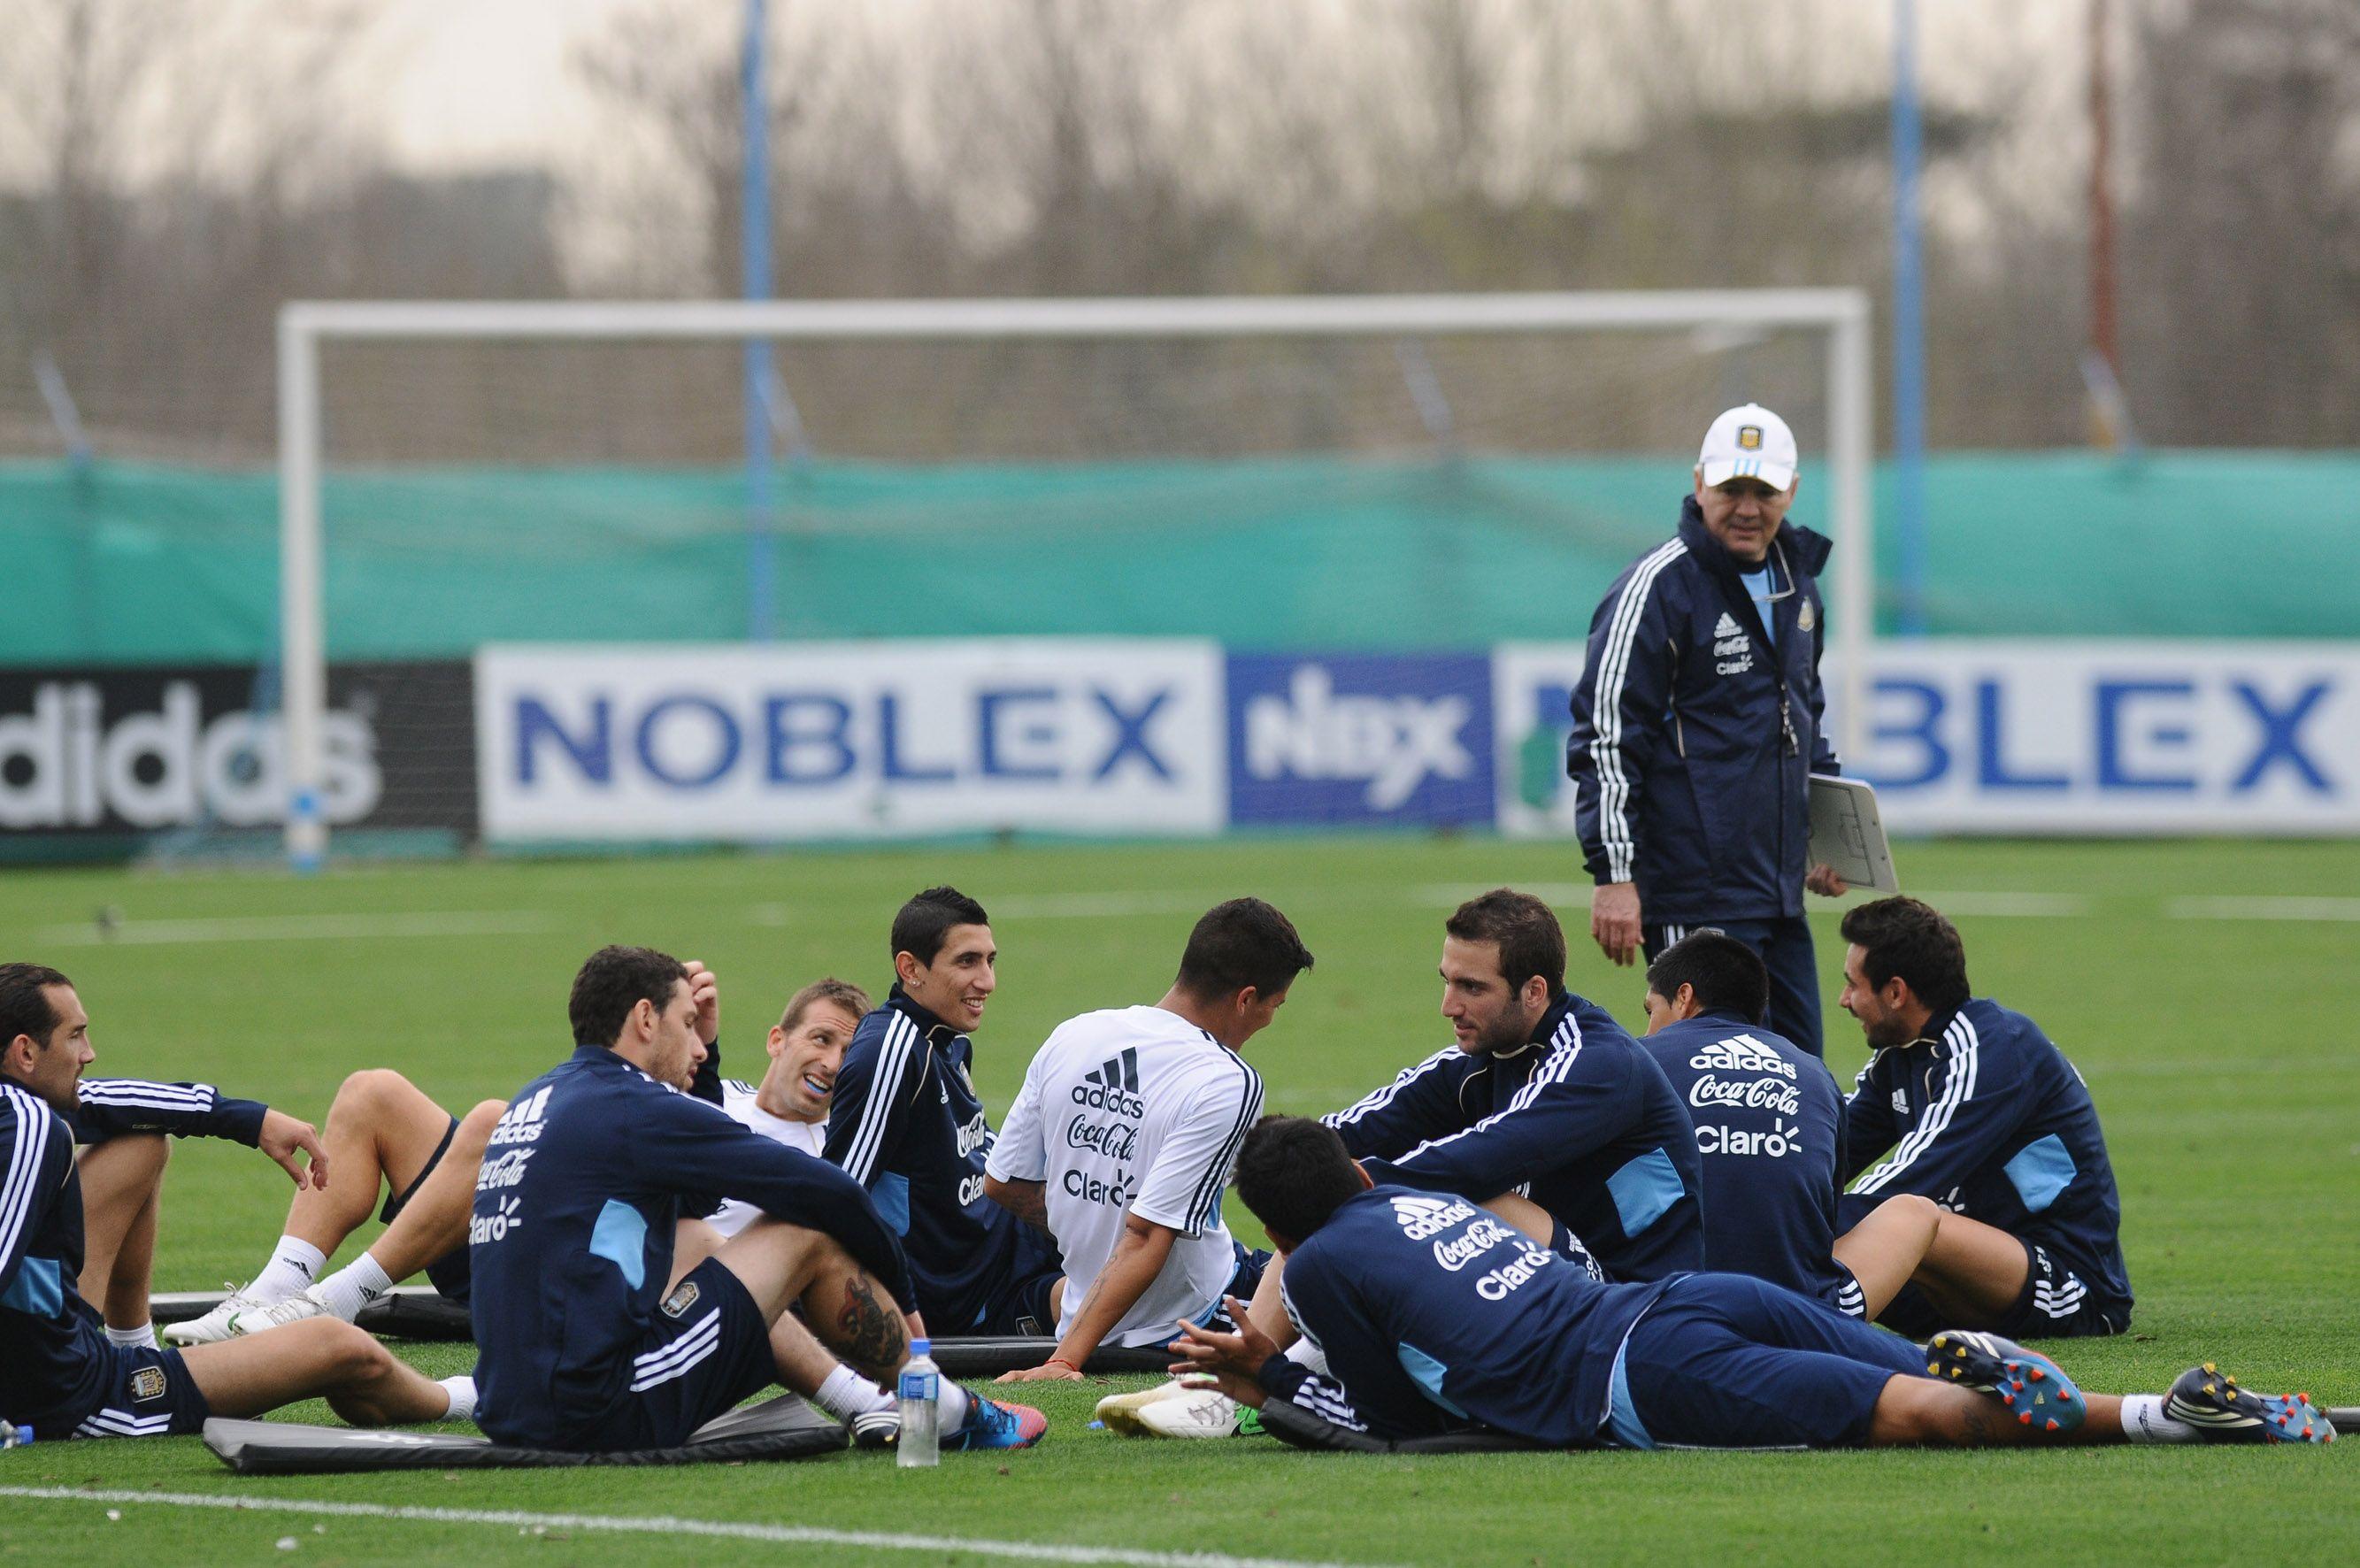 La Selección comienza su preparación en Brasil de cara al clásico